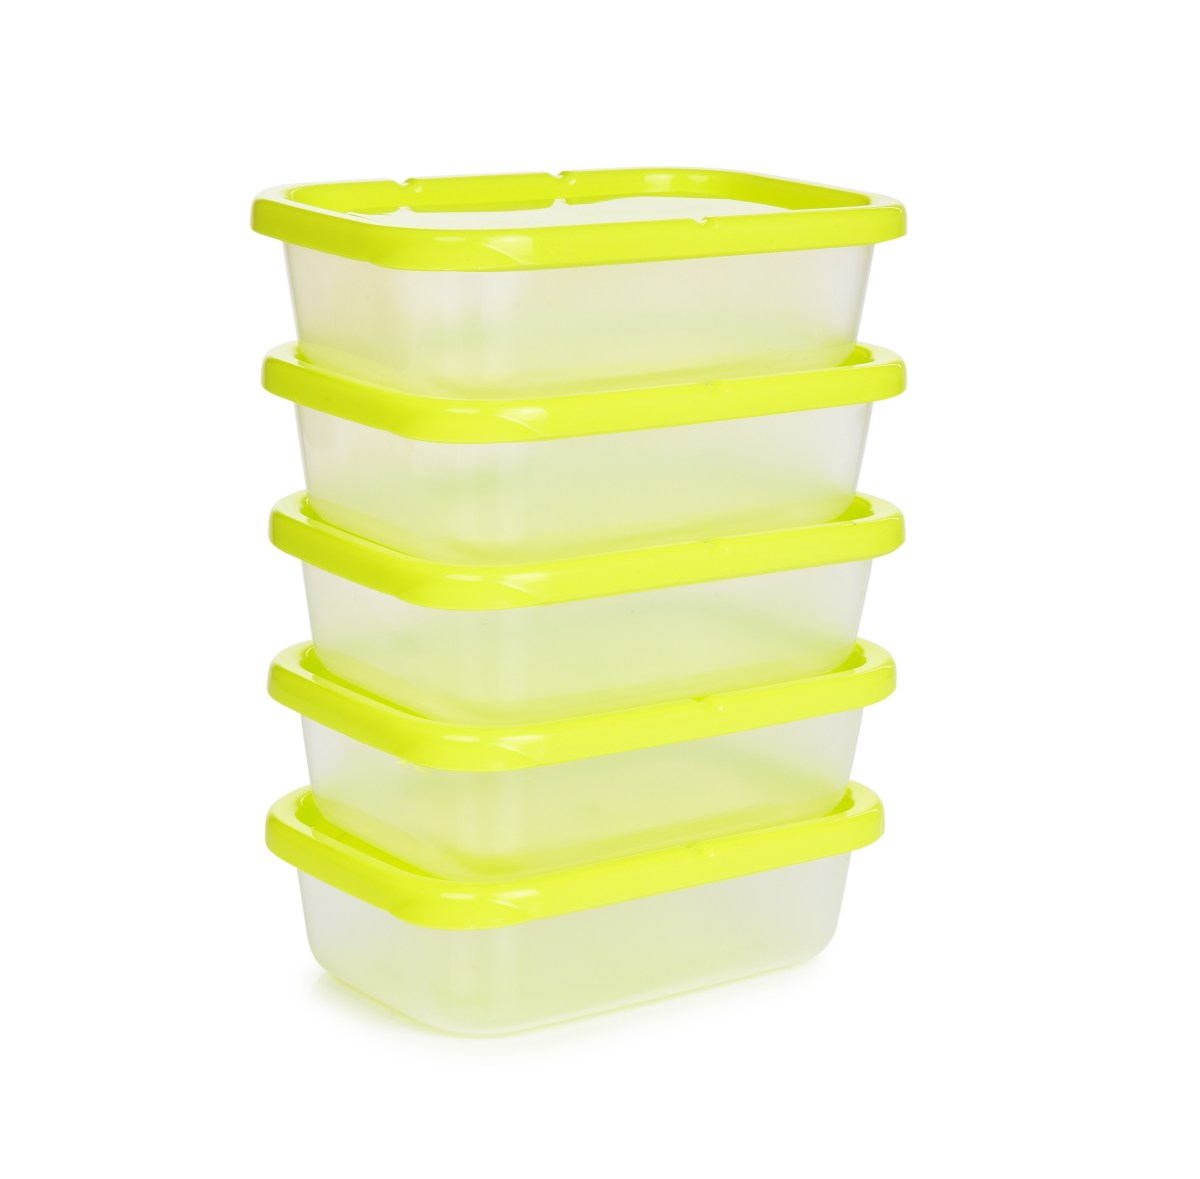 Dóza na potraviny GREENBOX 300 ml, z odolného plastu 5 ks